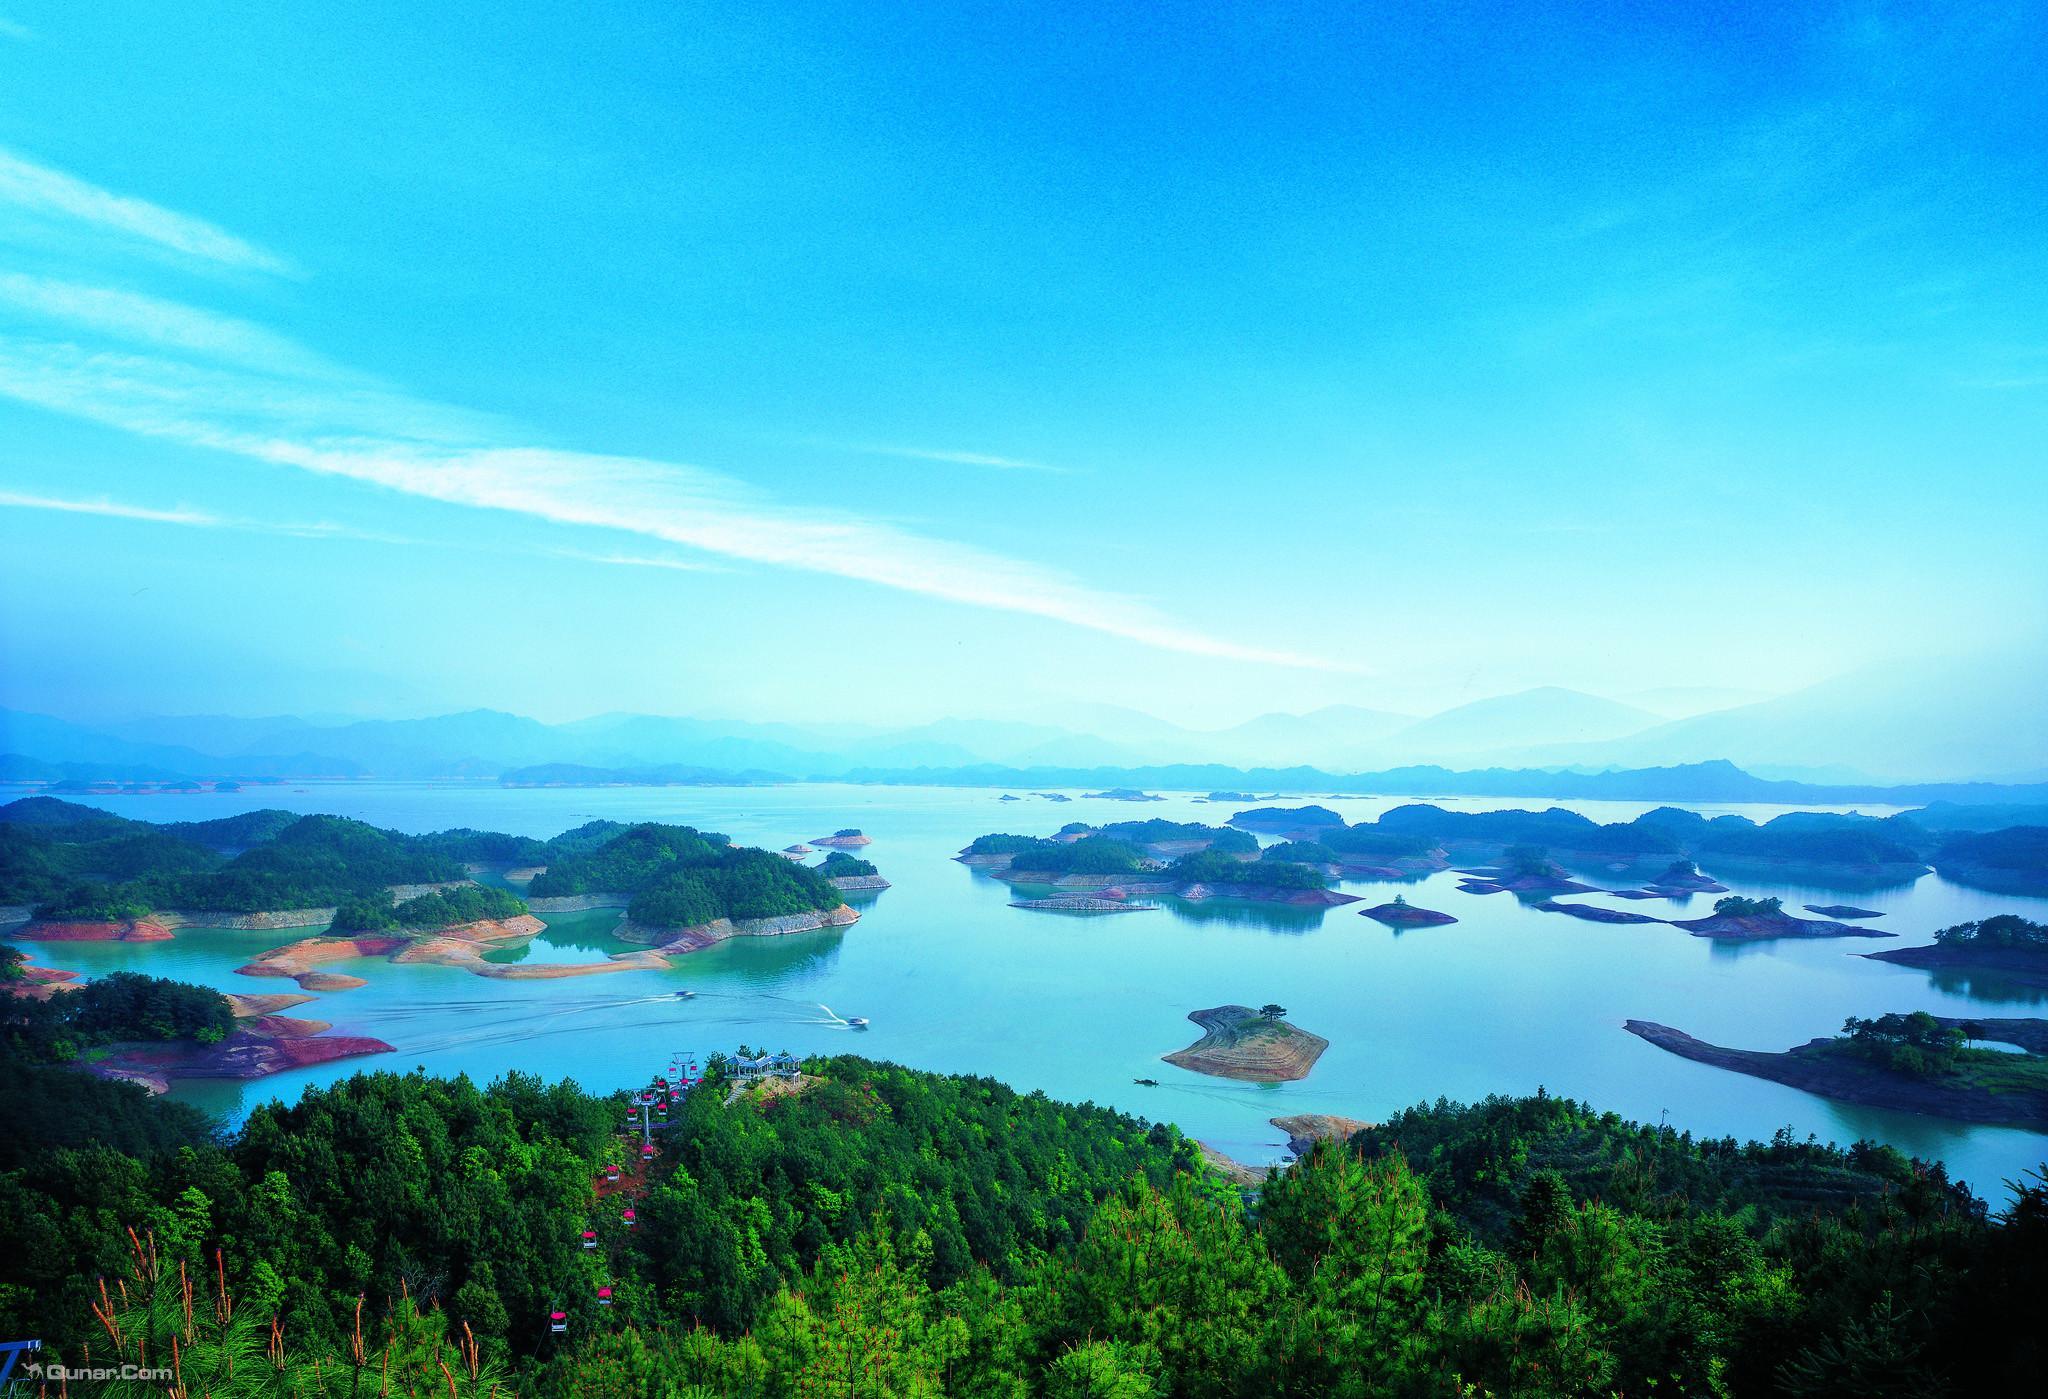 千岛湖2日1晚跟团游·千岛碧水画中游-【携程旅游】